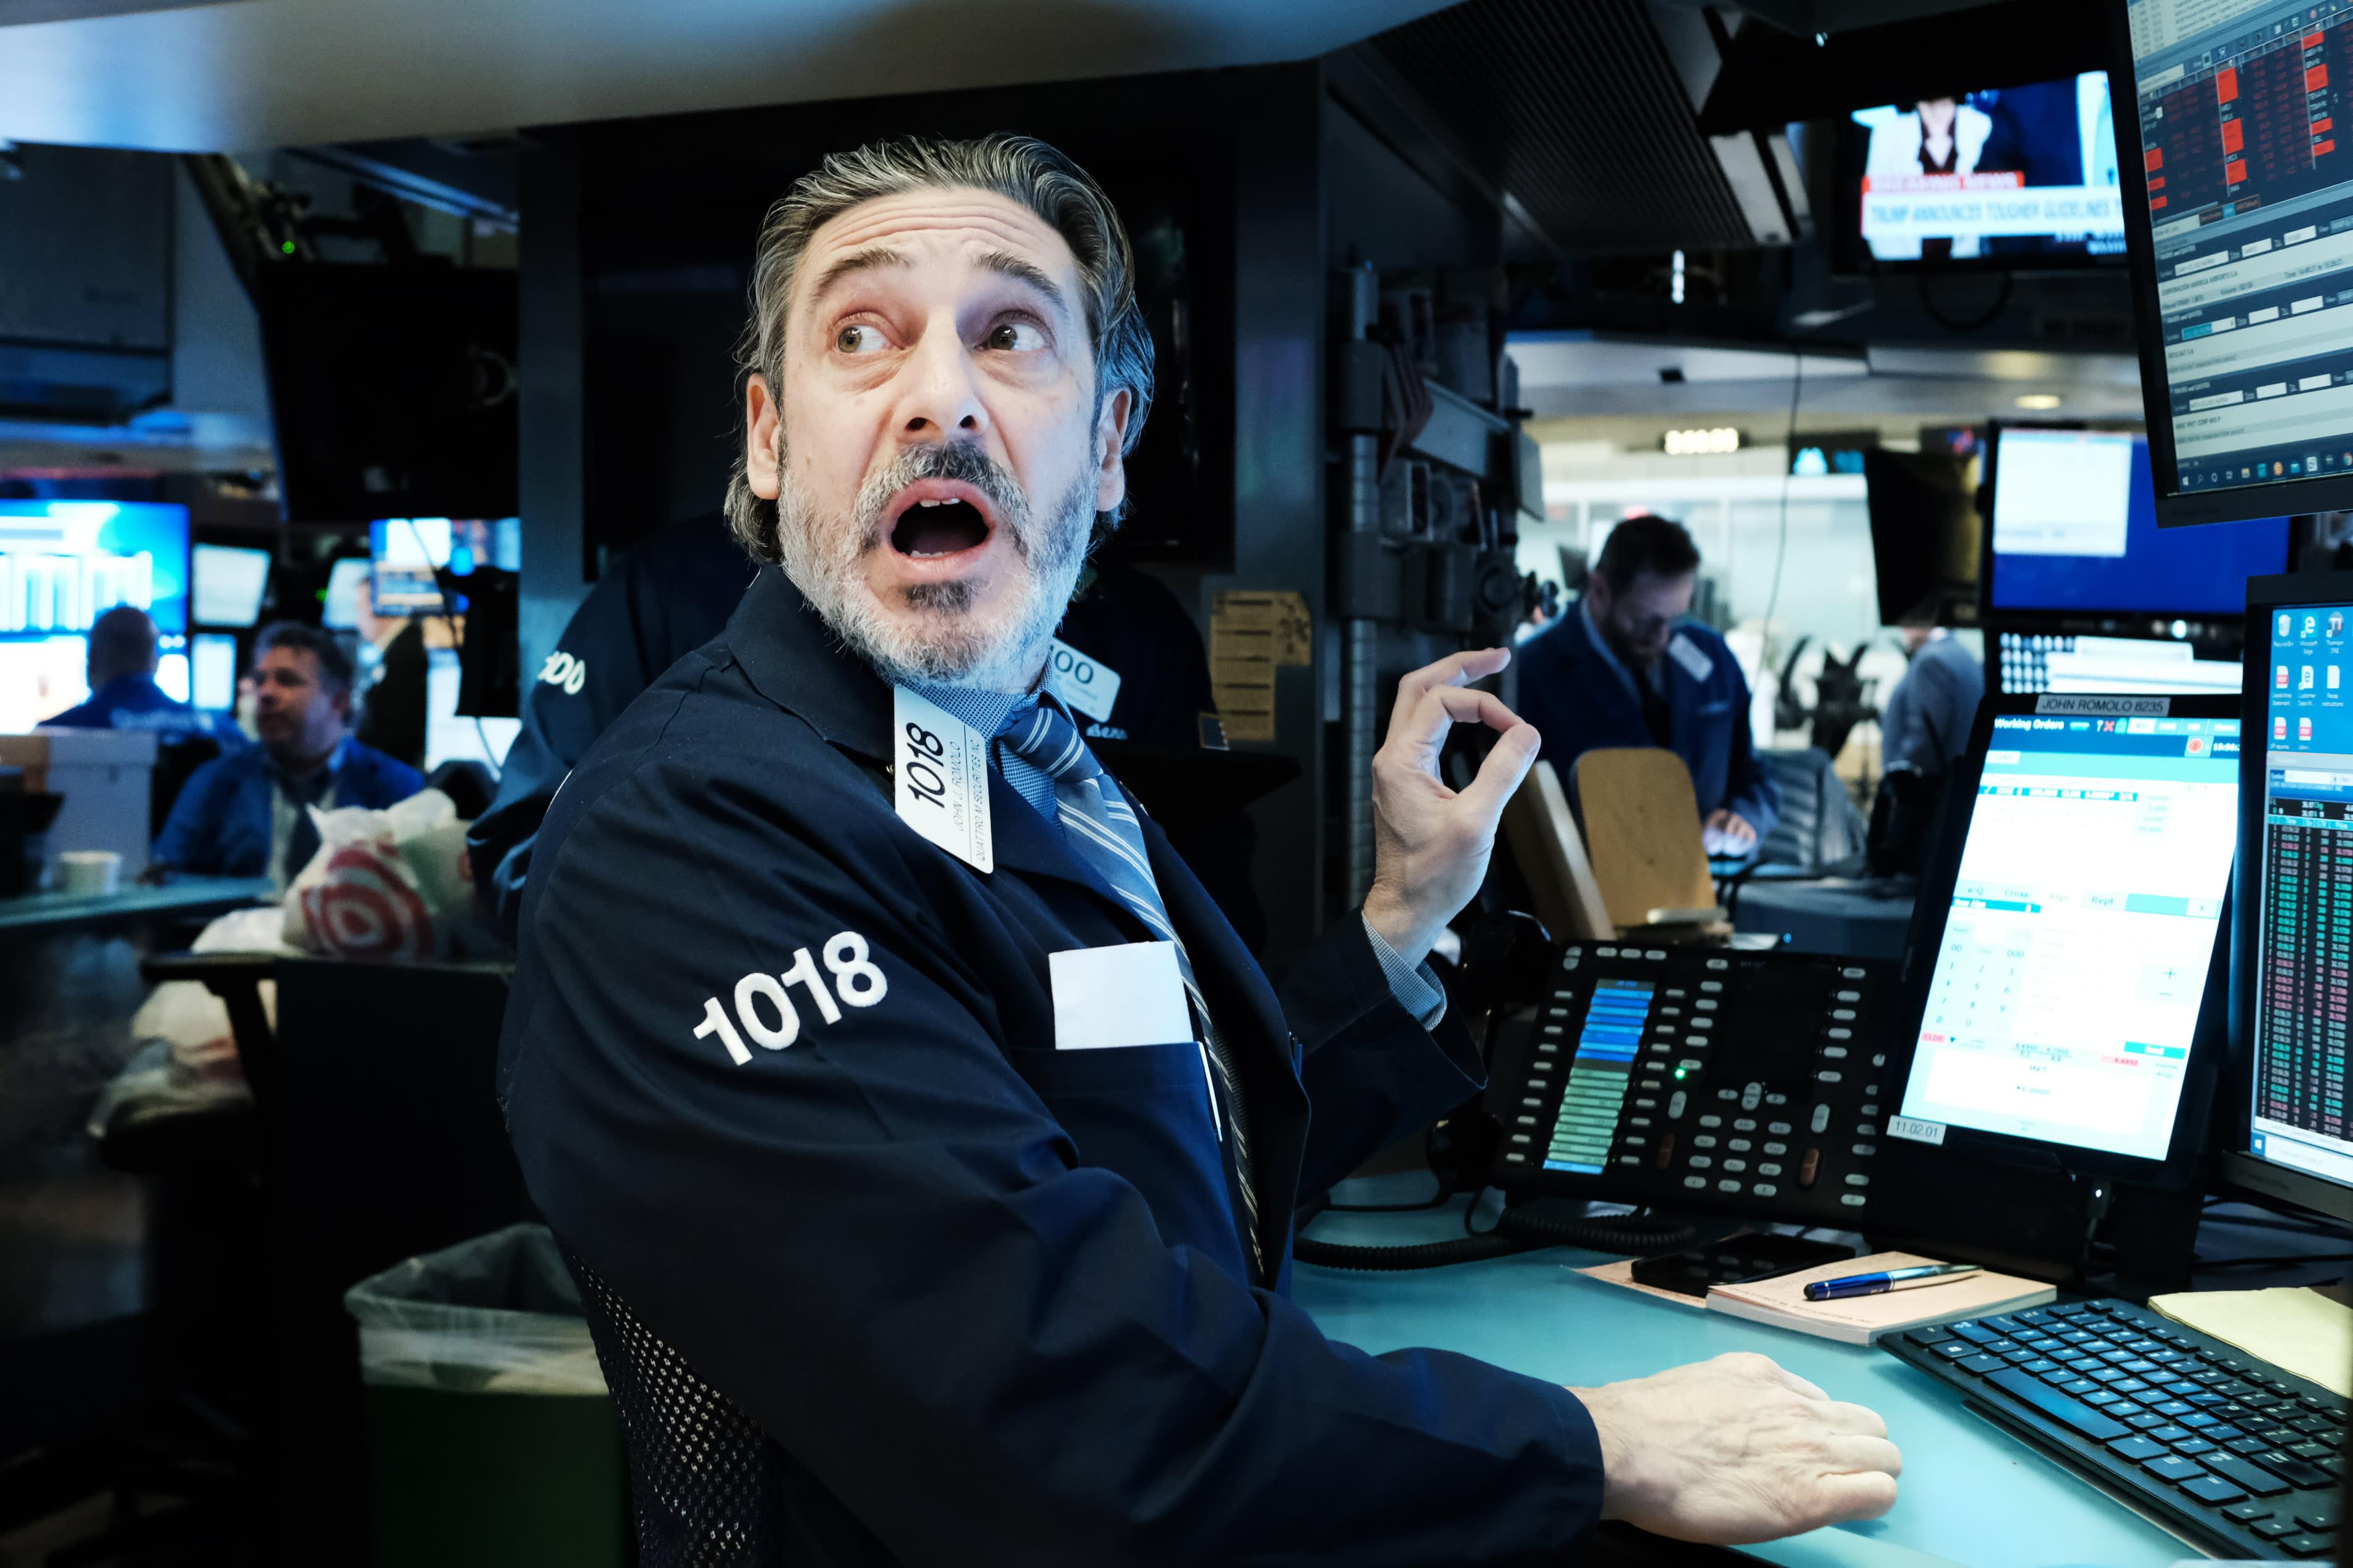 Los inversores ven las tasas de interés más altas como la mayor amenaza para las acciones, esperan que el rendimiento a 10 años alcance el 2%